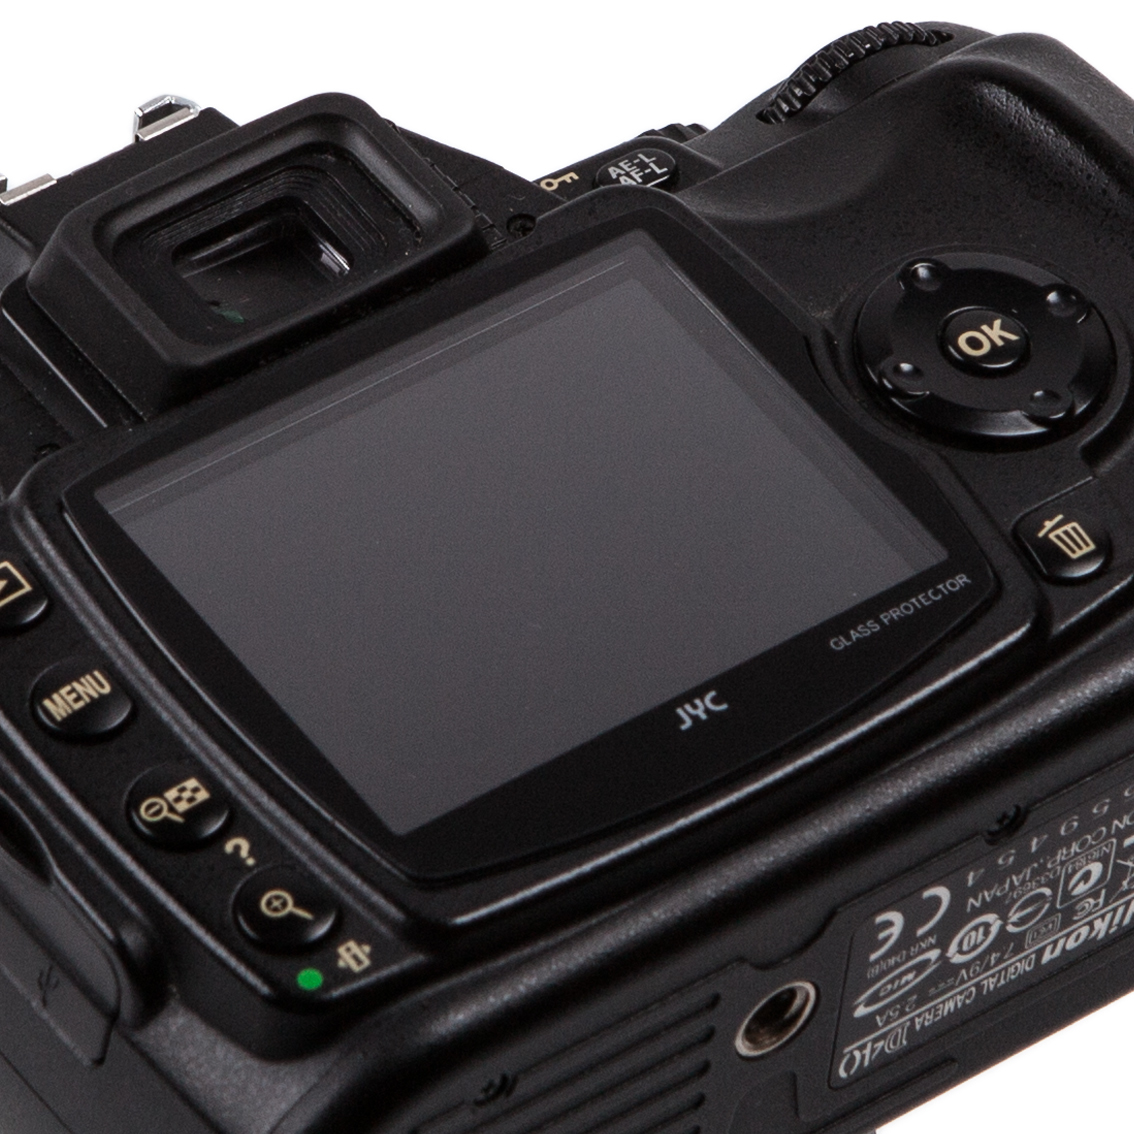 защищенный фотоаппарат никон систем